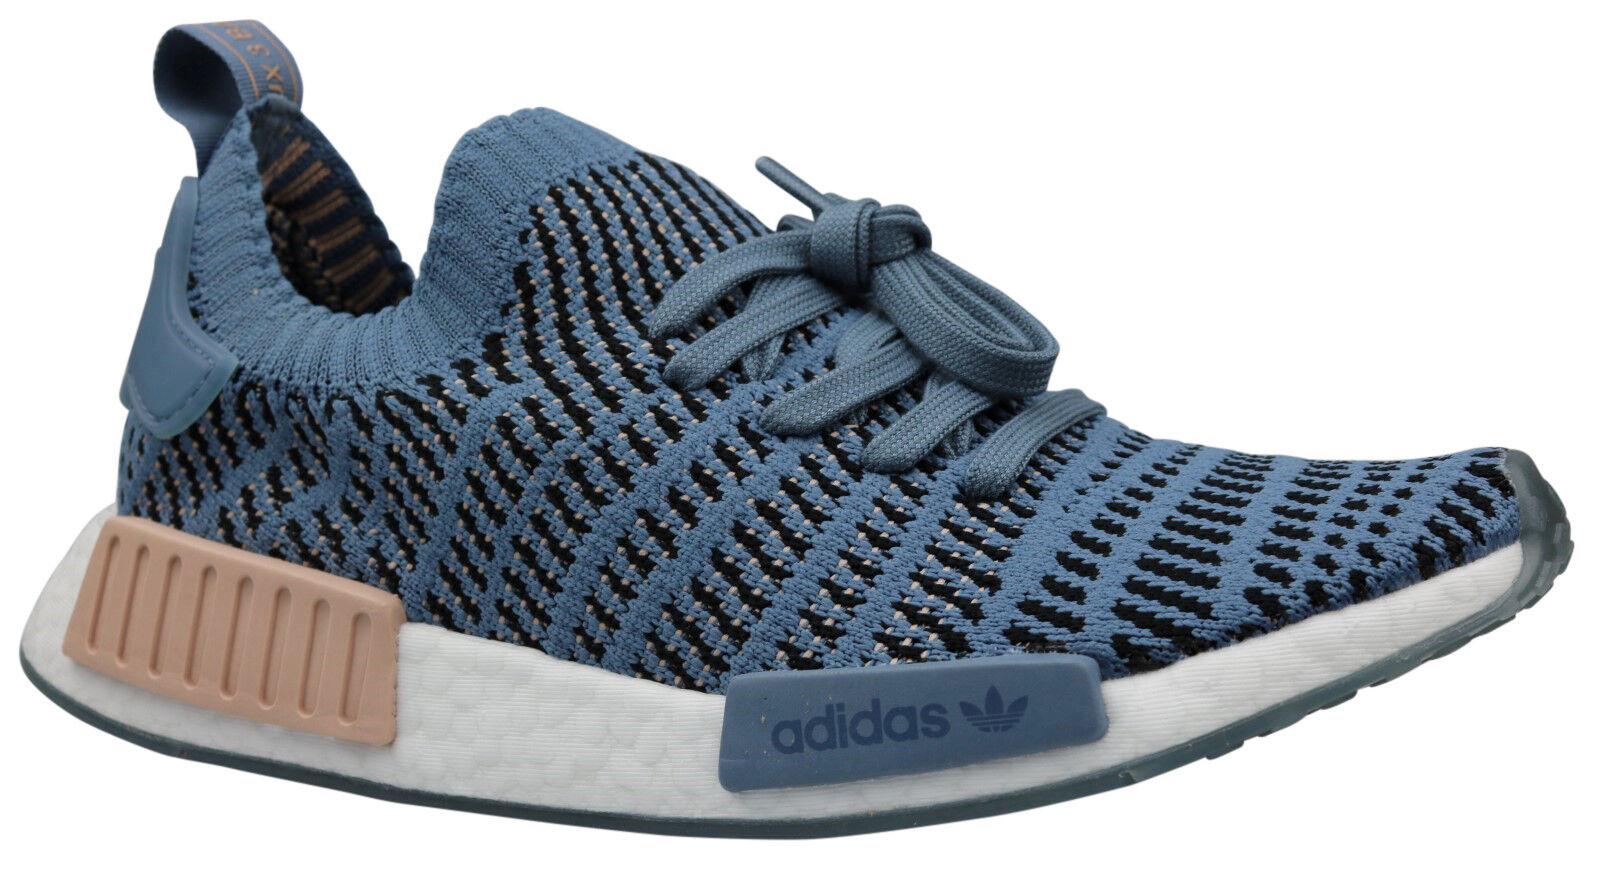 5934aa5f76af4 ≡ Kaufen Adidas NMD R1 Primeknit W Damen Sneaker Schuhe CQ2029 blau Gr. 36  - 41 NEU & OVP - Amazon und eBay Preisvergleich Service 2019